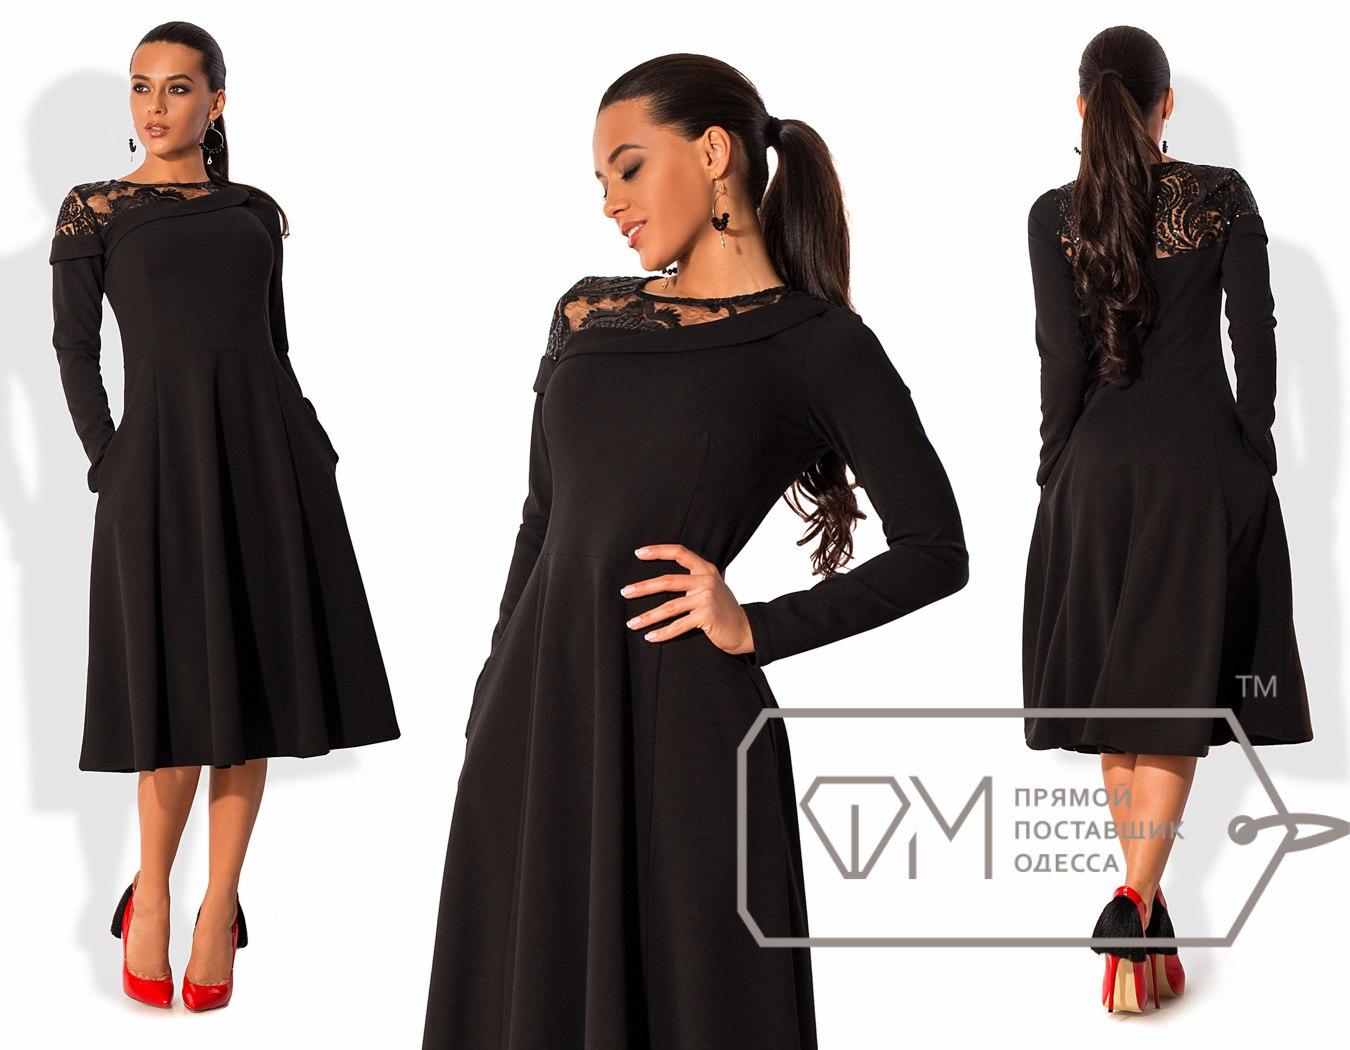 Прямые платья французской длины